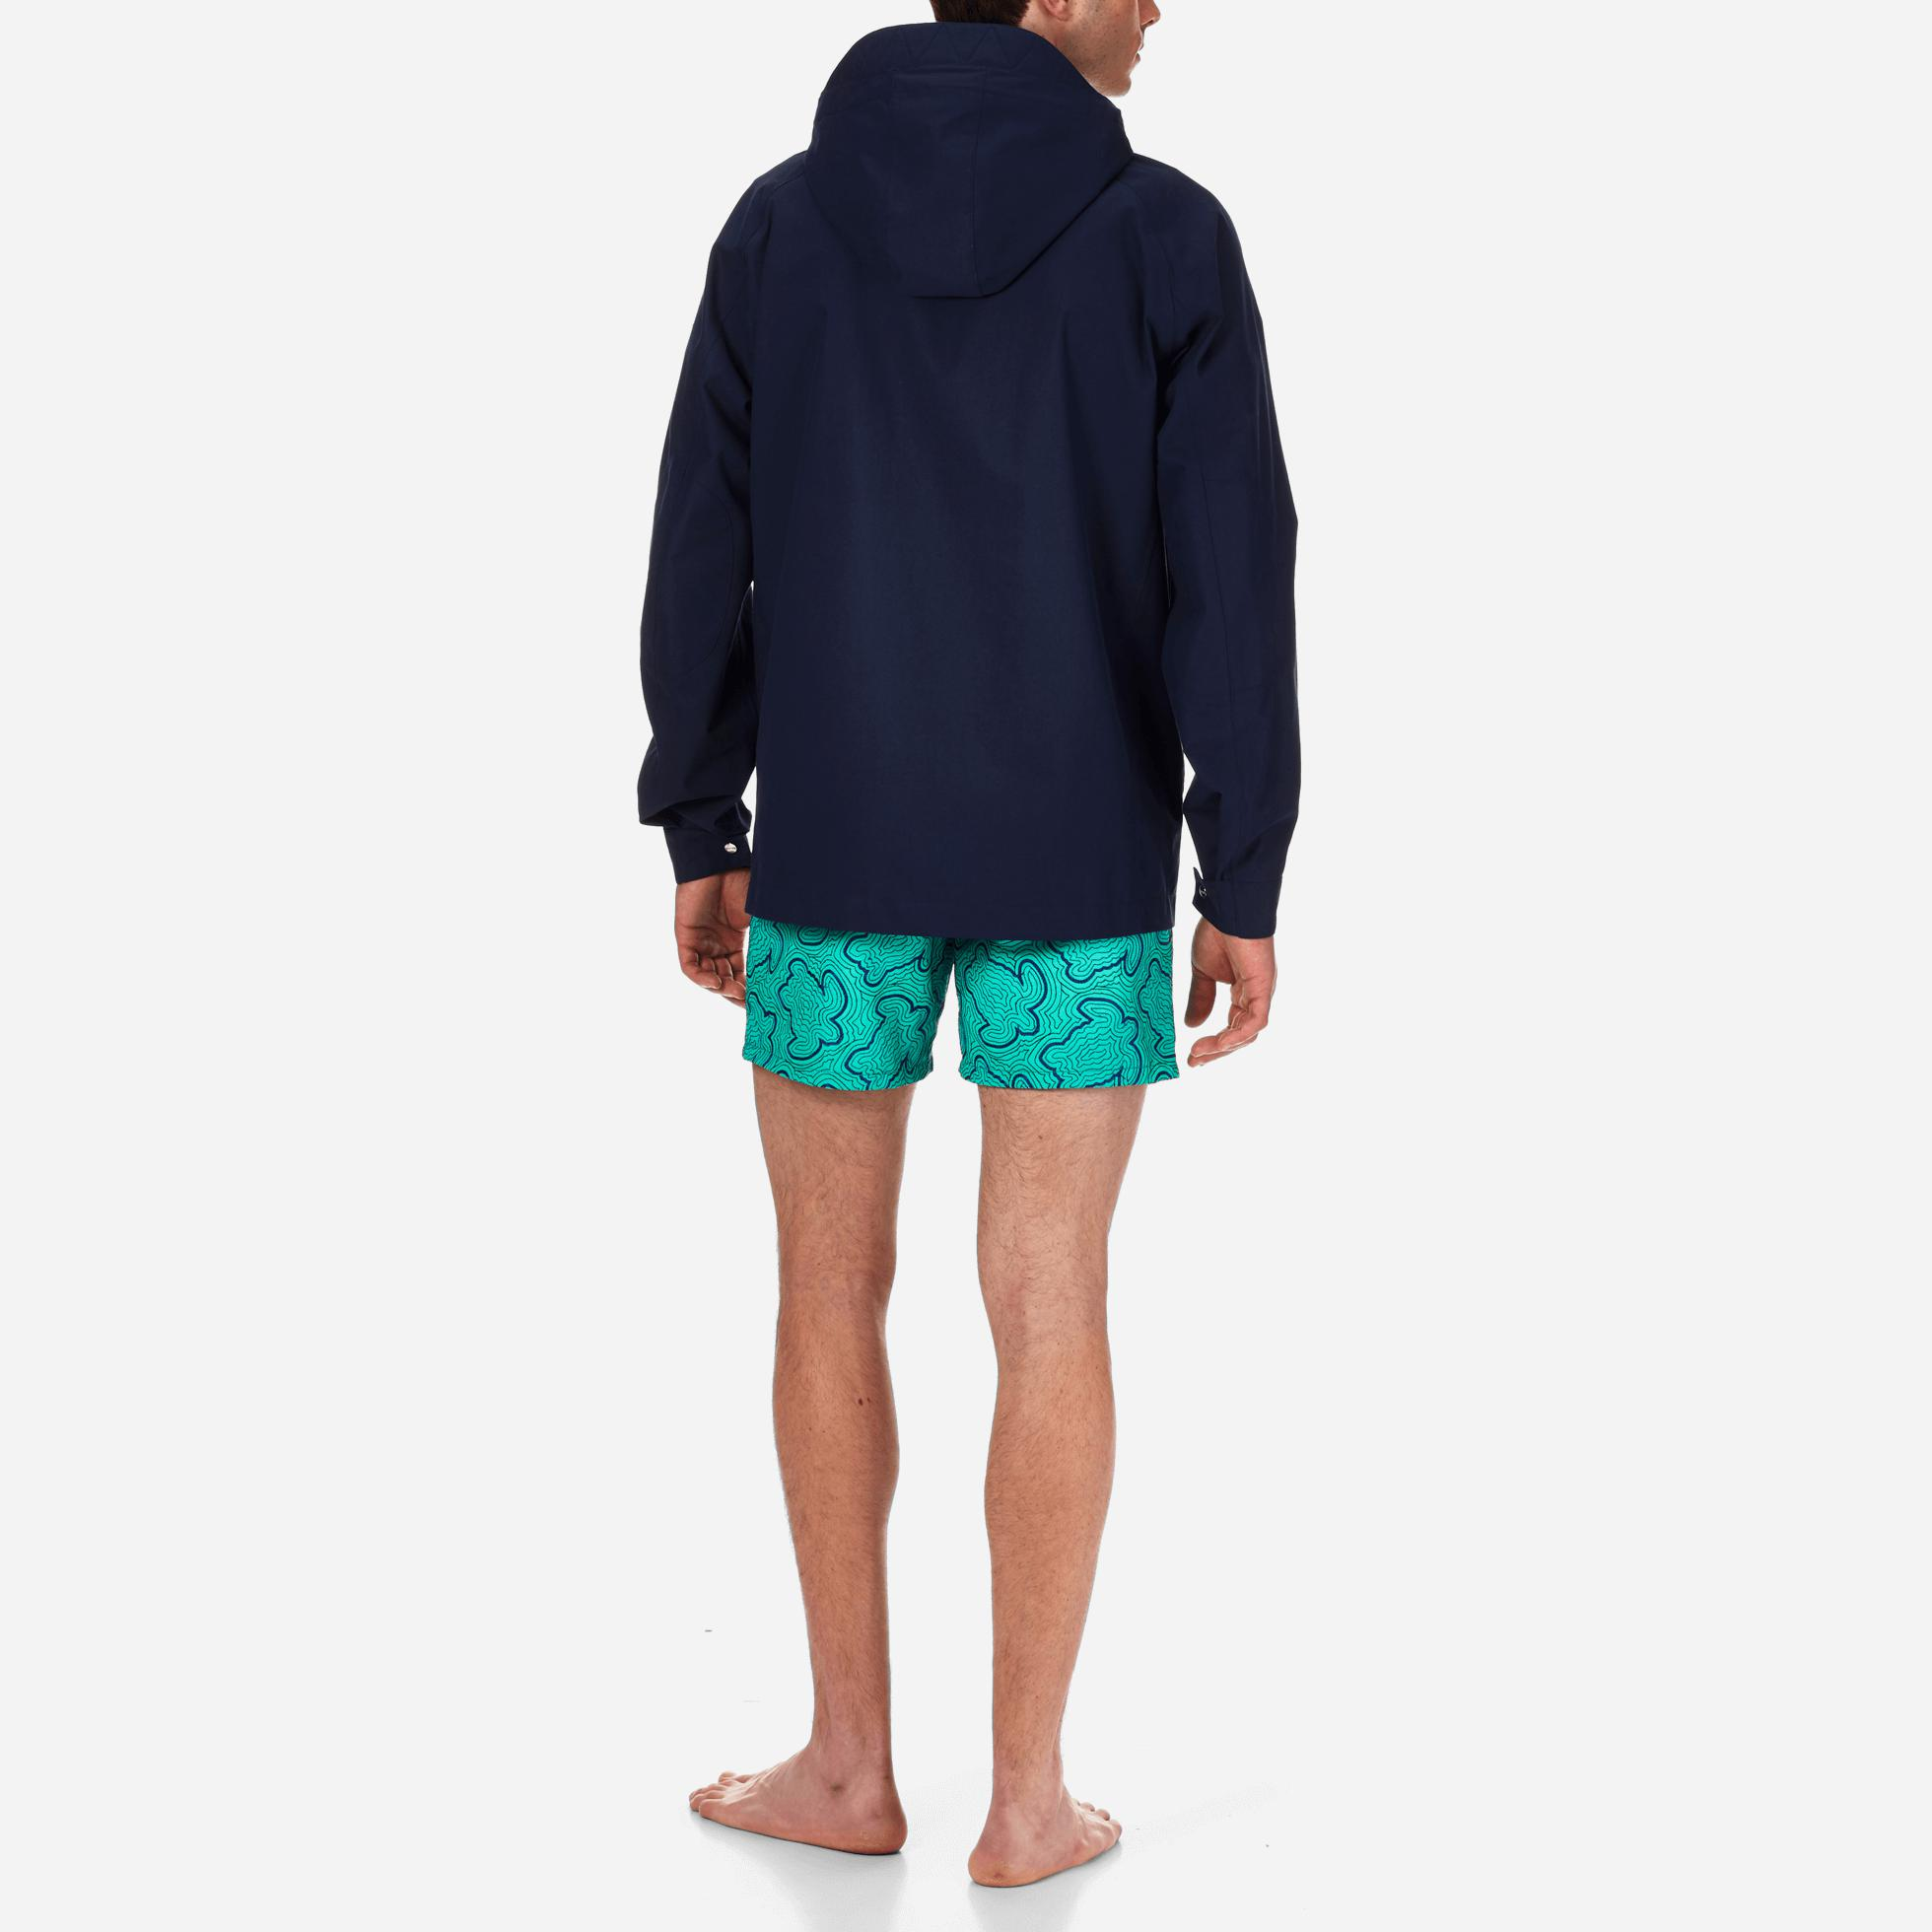 Vilebrequin Cotton Water Proof Hooded Rain Jacket in Navy (Blue) for Men